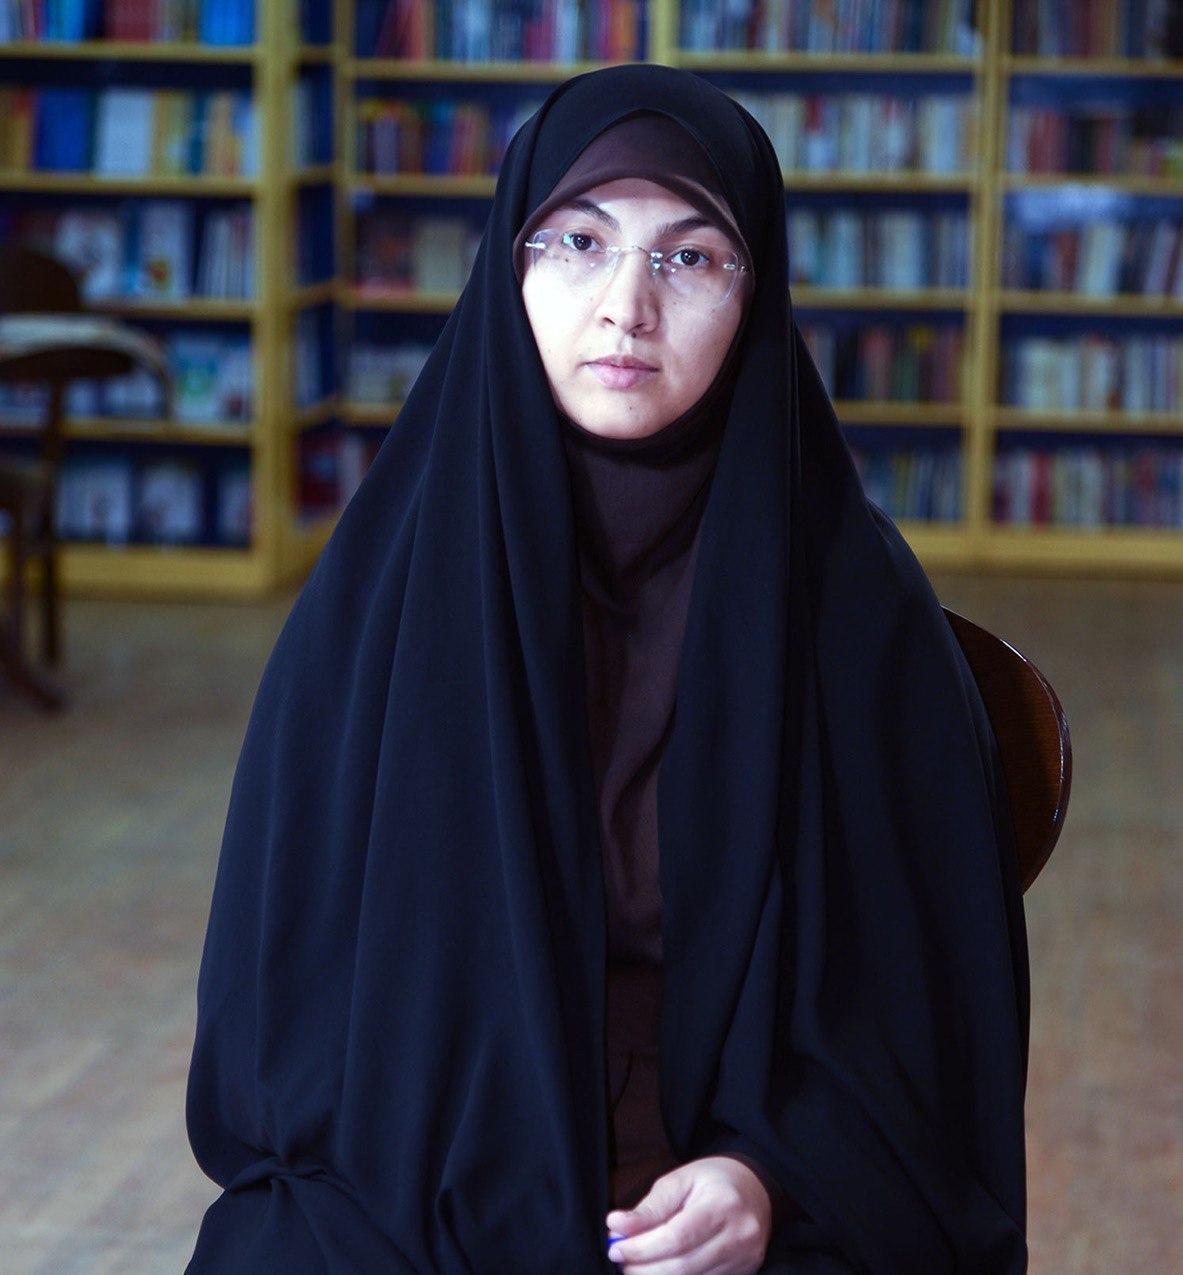 13990421000115 Test NewPhotoFree - کتابی درباره «آزادی» خواهران دربند/ چرا برخی حاضر به مصاحبه نشدند؟